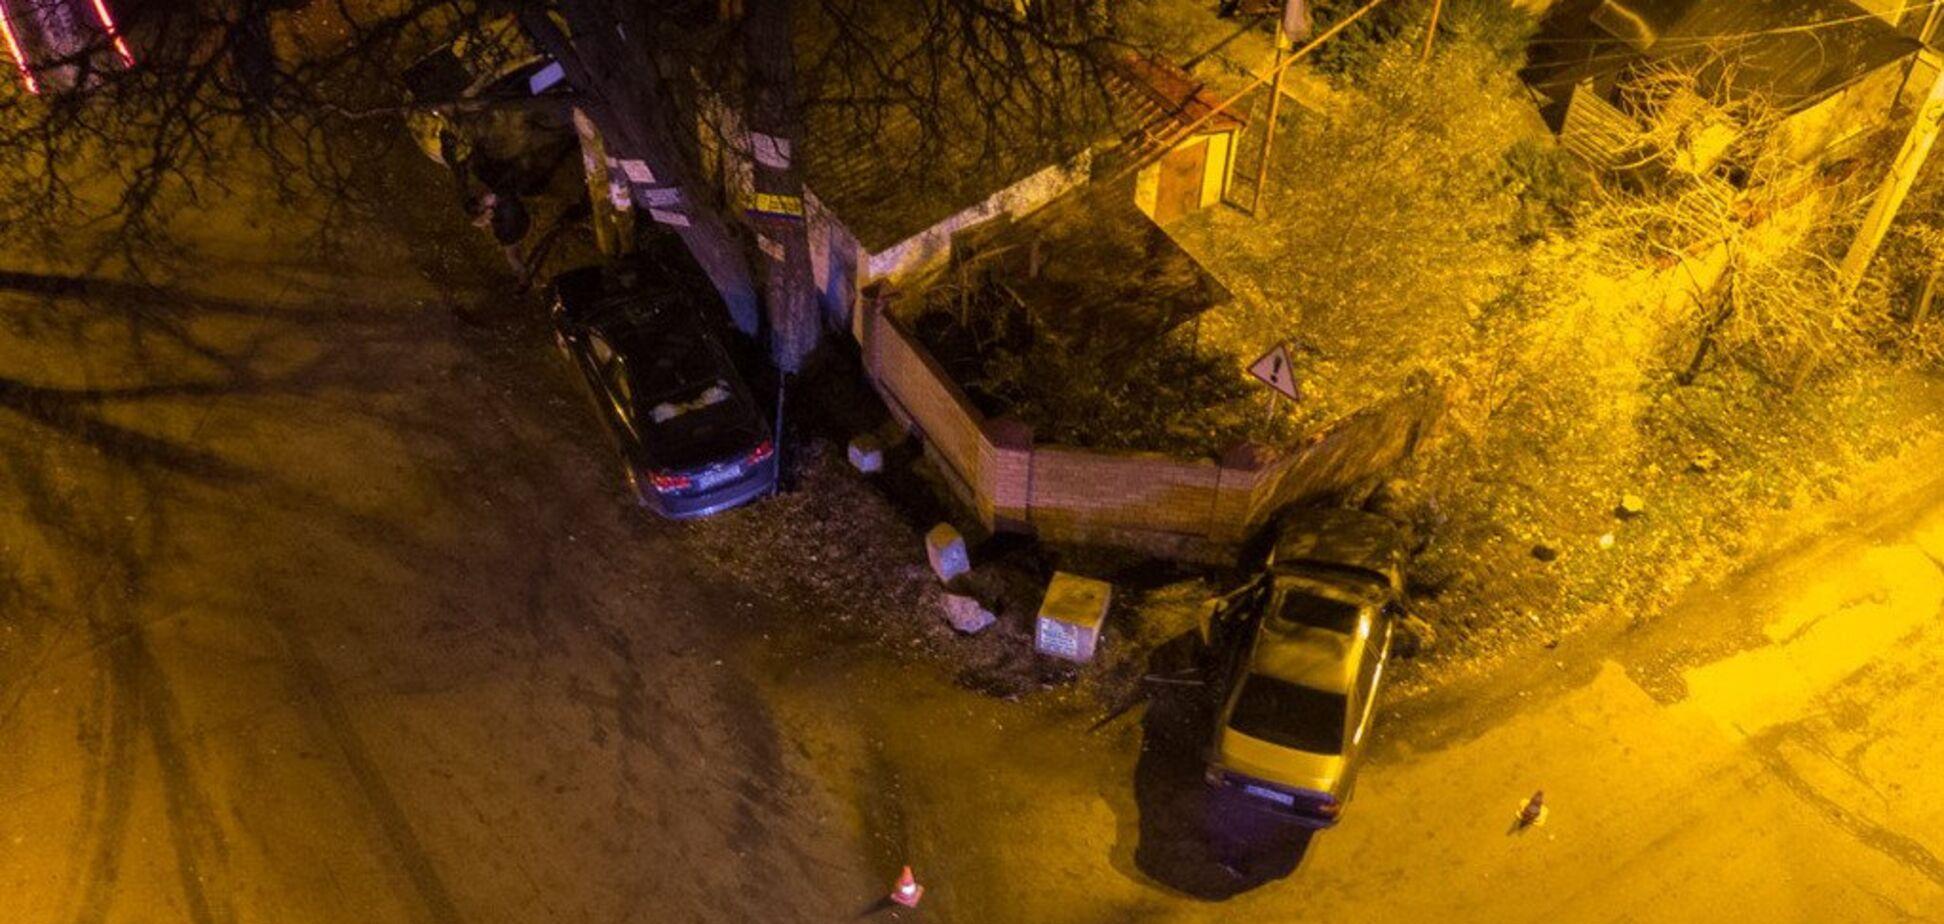 Вылетели на обочину: в Днепре произошло серьезное ДТП с пострадавшими